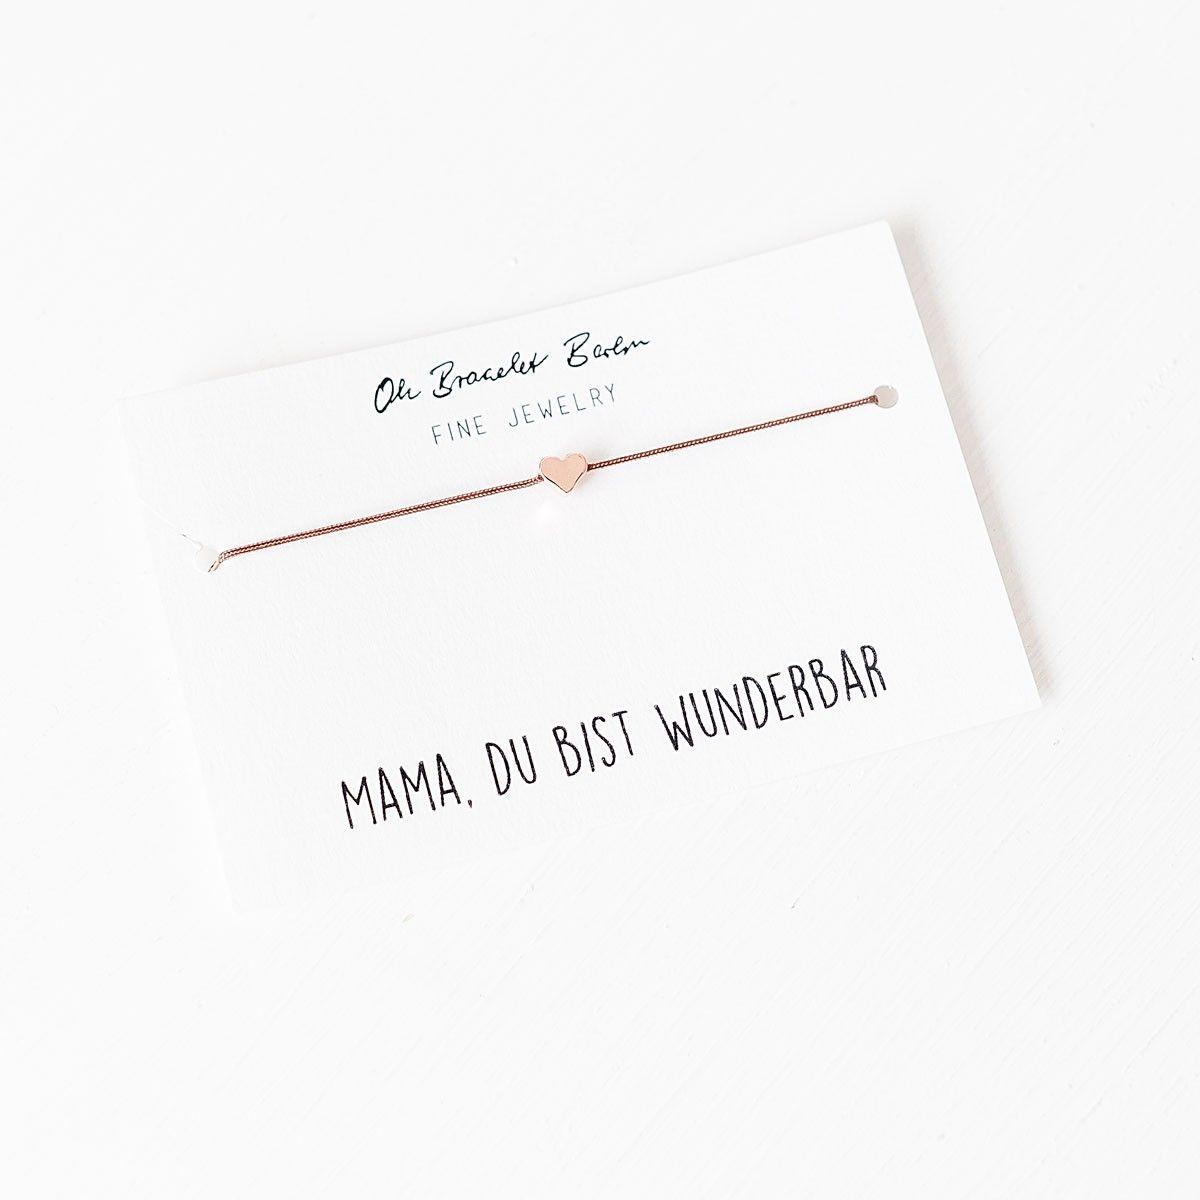 Oh Bracelet Berlin Nylonarmband Mama Du Bist Wunderbar Selekkt Heim Fur Junges Design Du Bist Wunderbar Geschenke Zum Geburtstag Tolle Geschenke